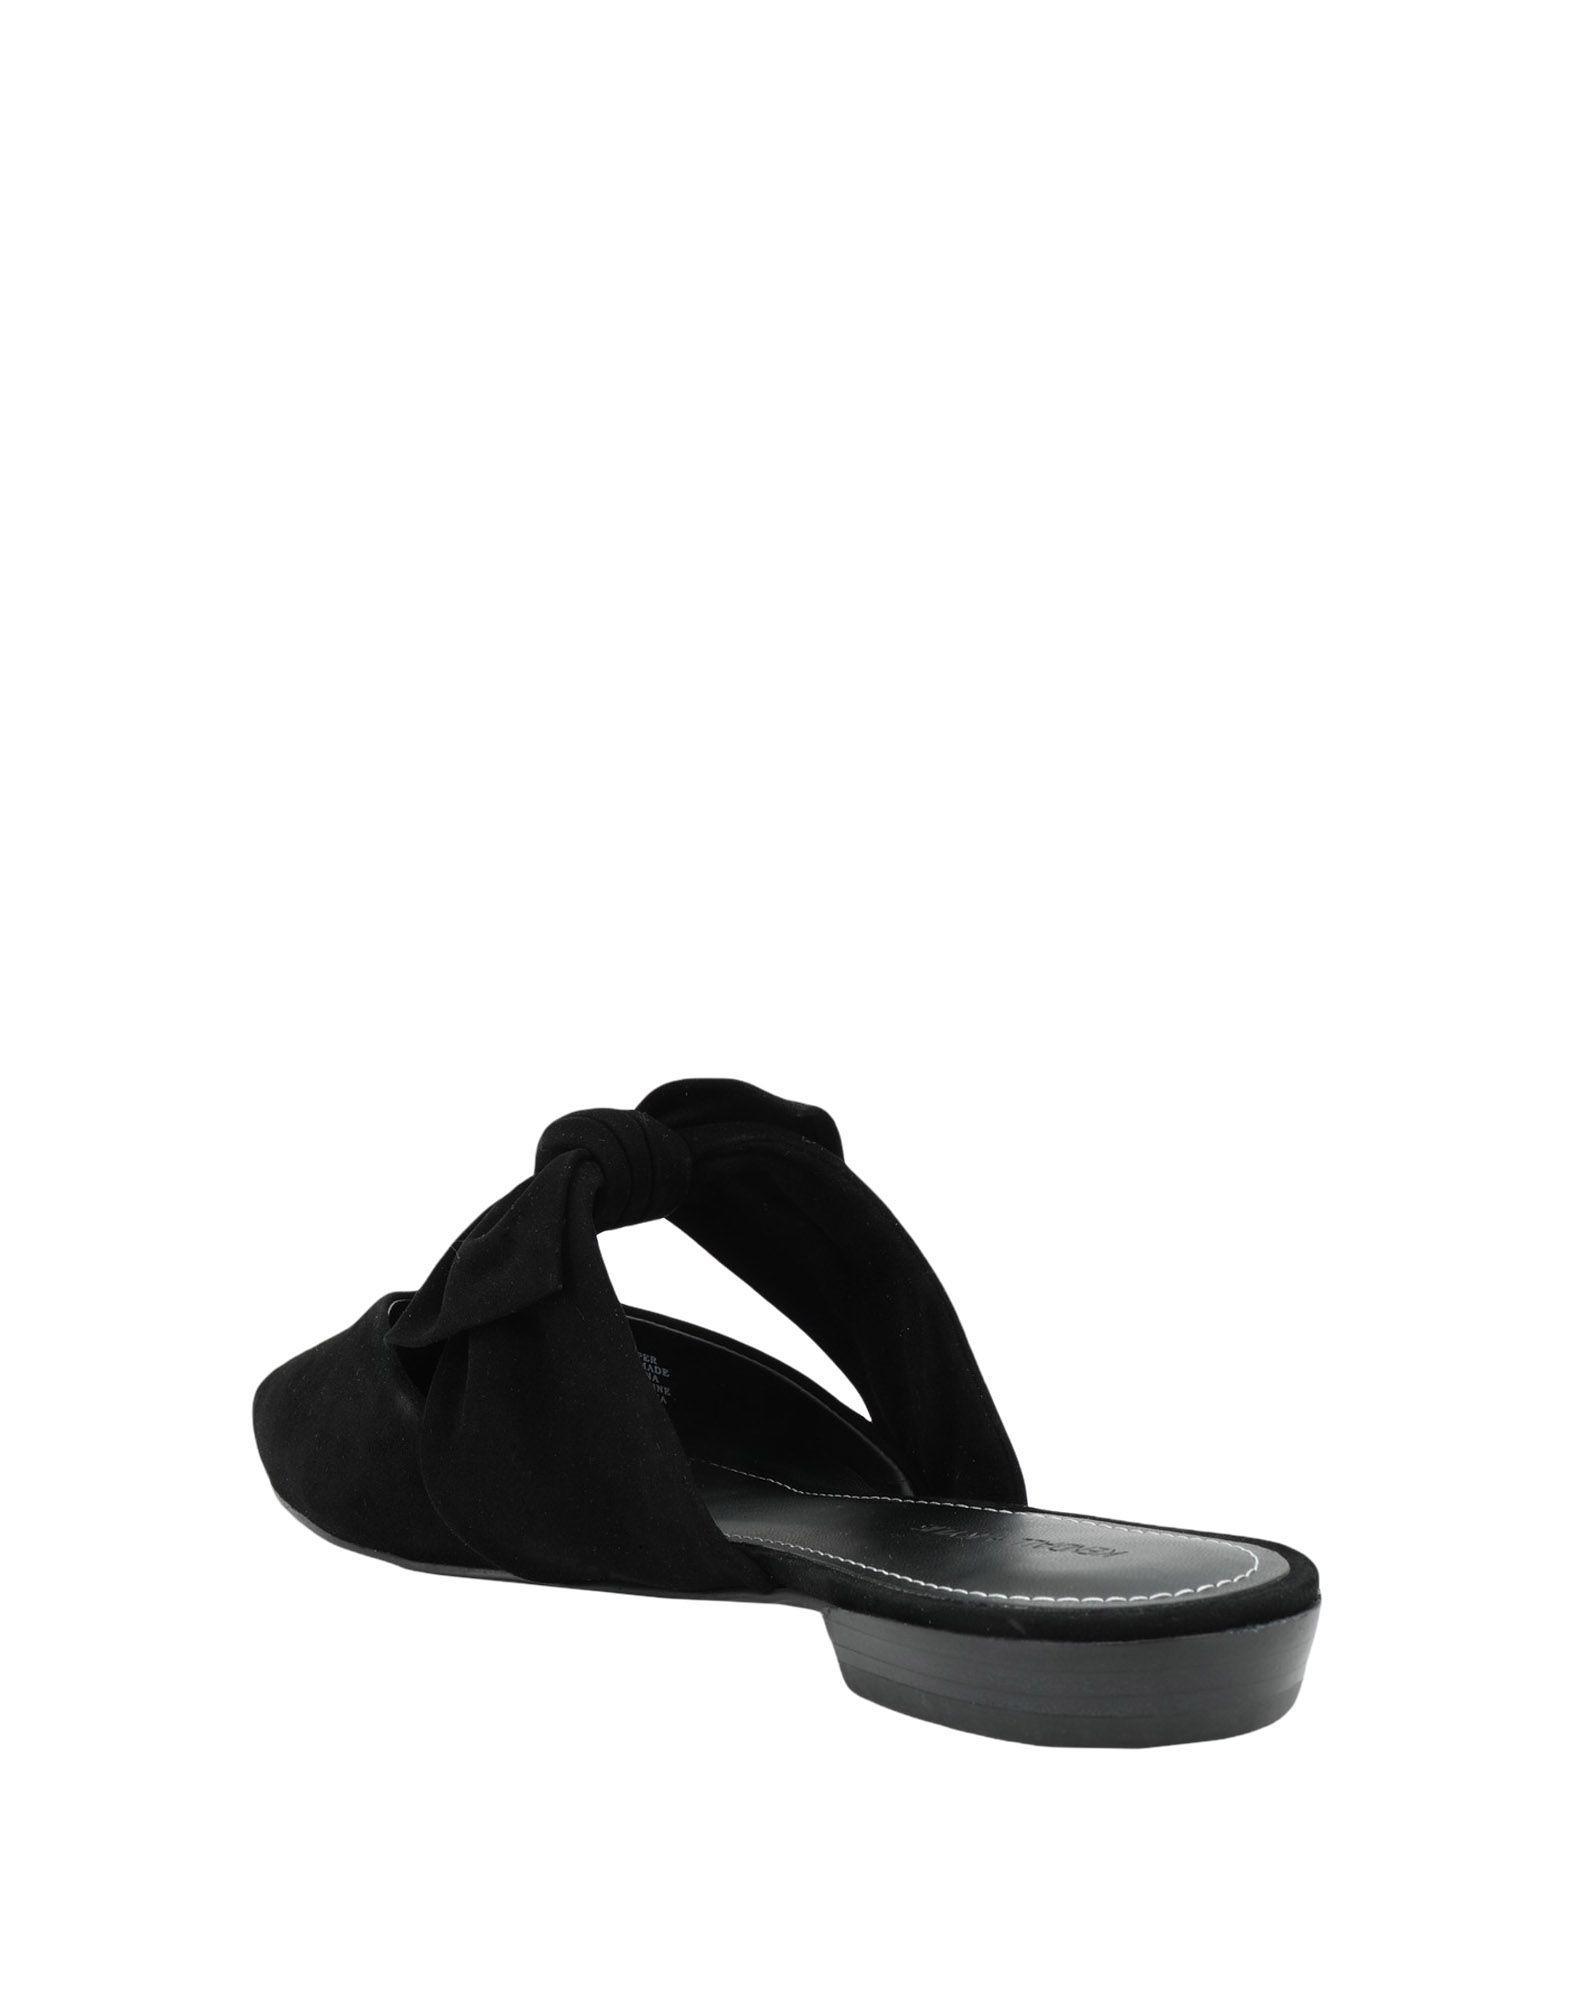 KendallKylie Mulesamp; De Zuecos Negro Color Lyst AjR345L